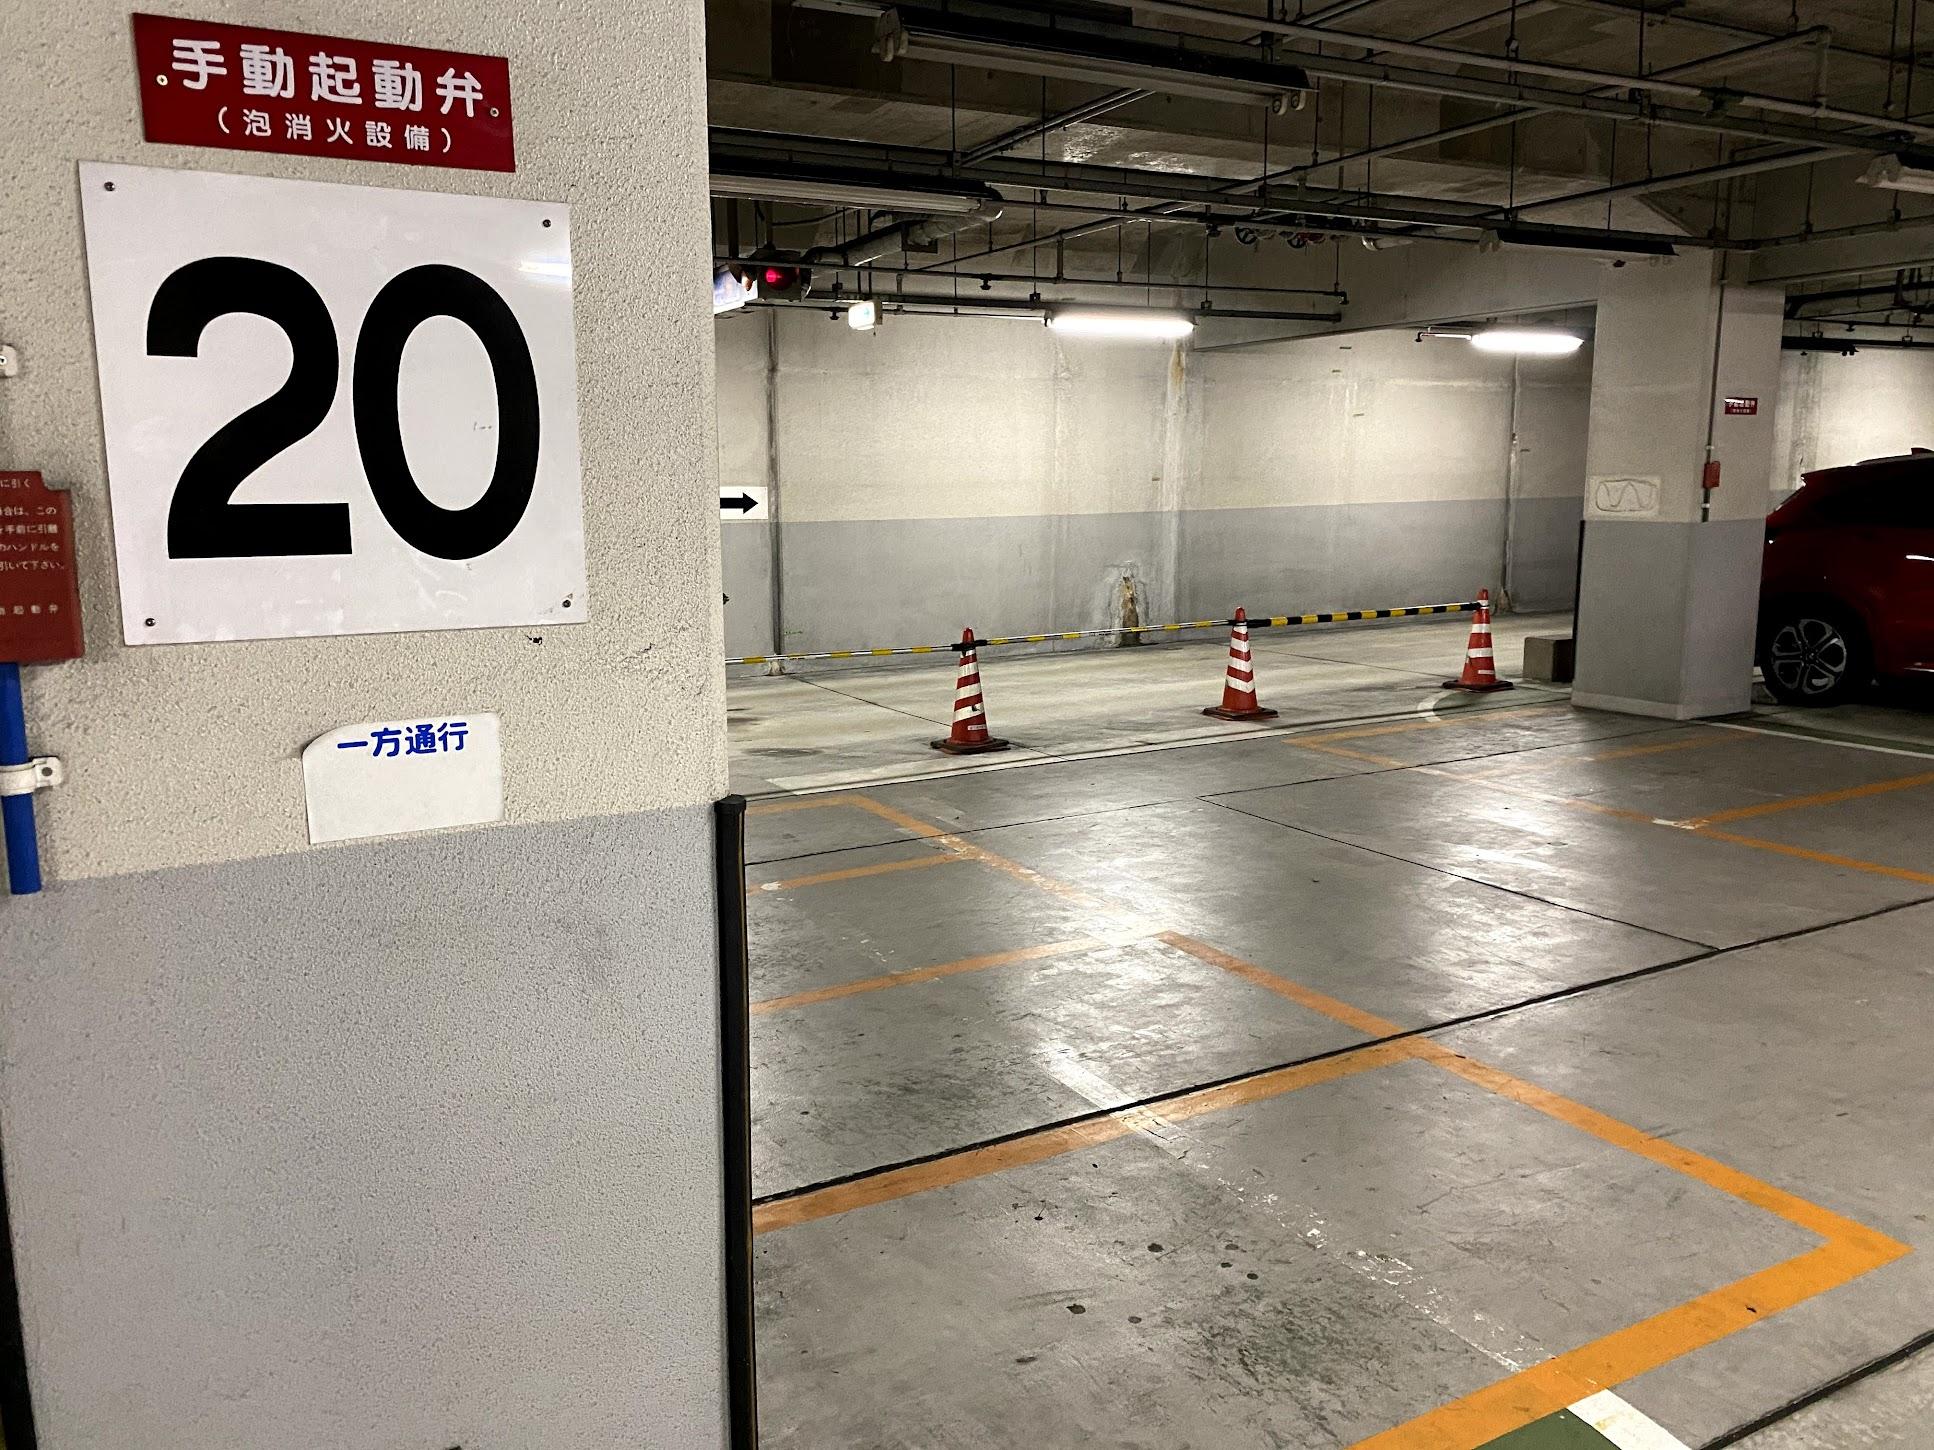 自動二輪駐車スペース